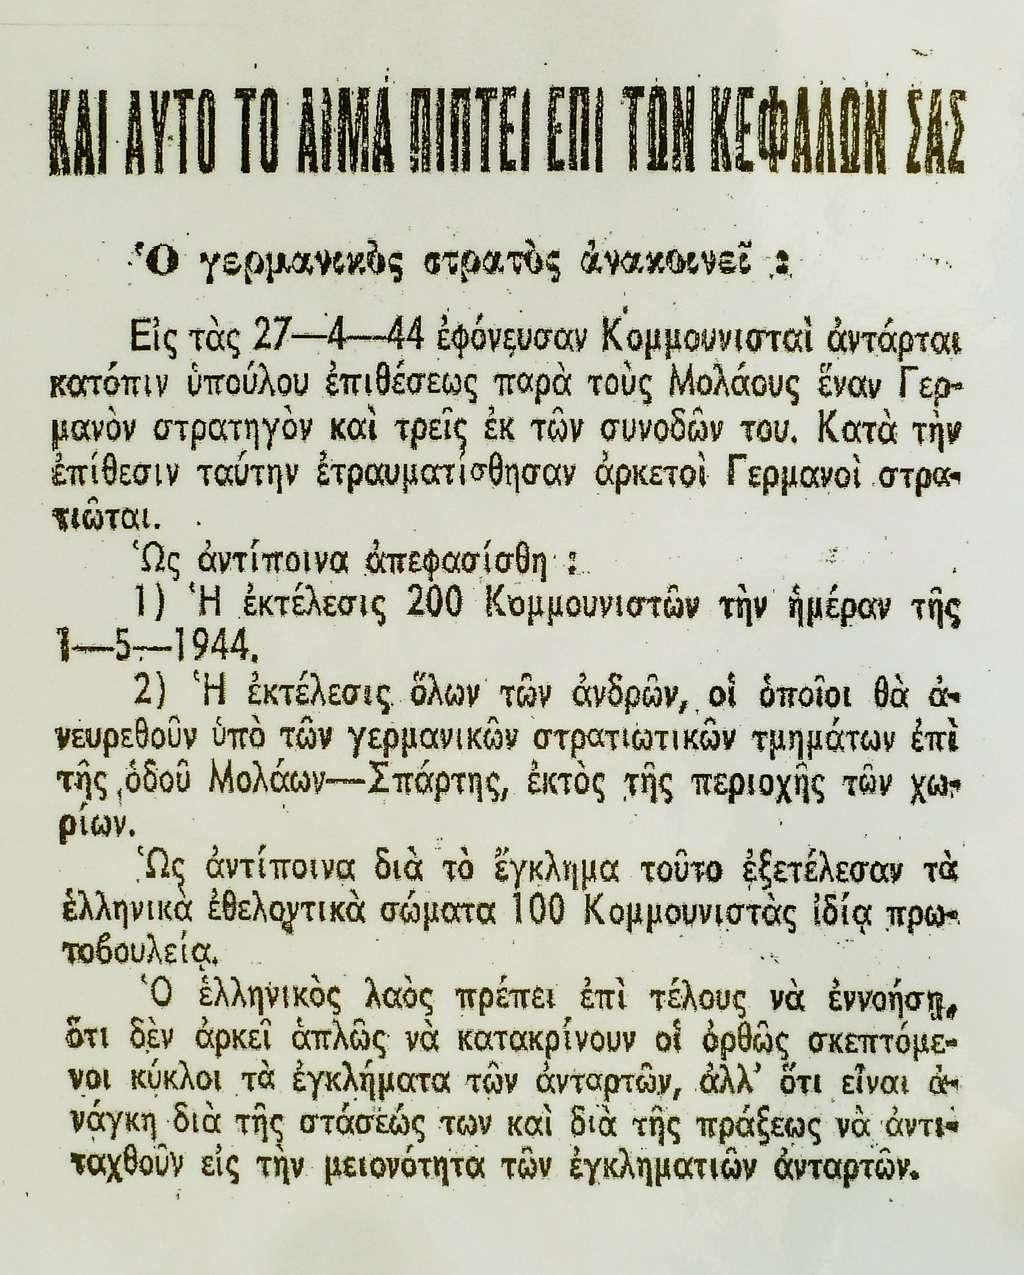 200 Κομμουνιστές Σοπευτήριο 1-5-1944 # Και_αυτό_το_αίμα_πίπτει_επί_των_κεφαλών_σας